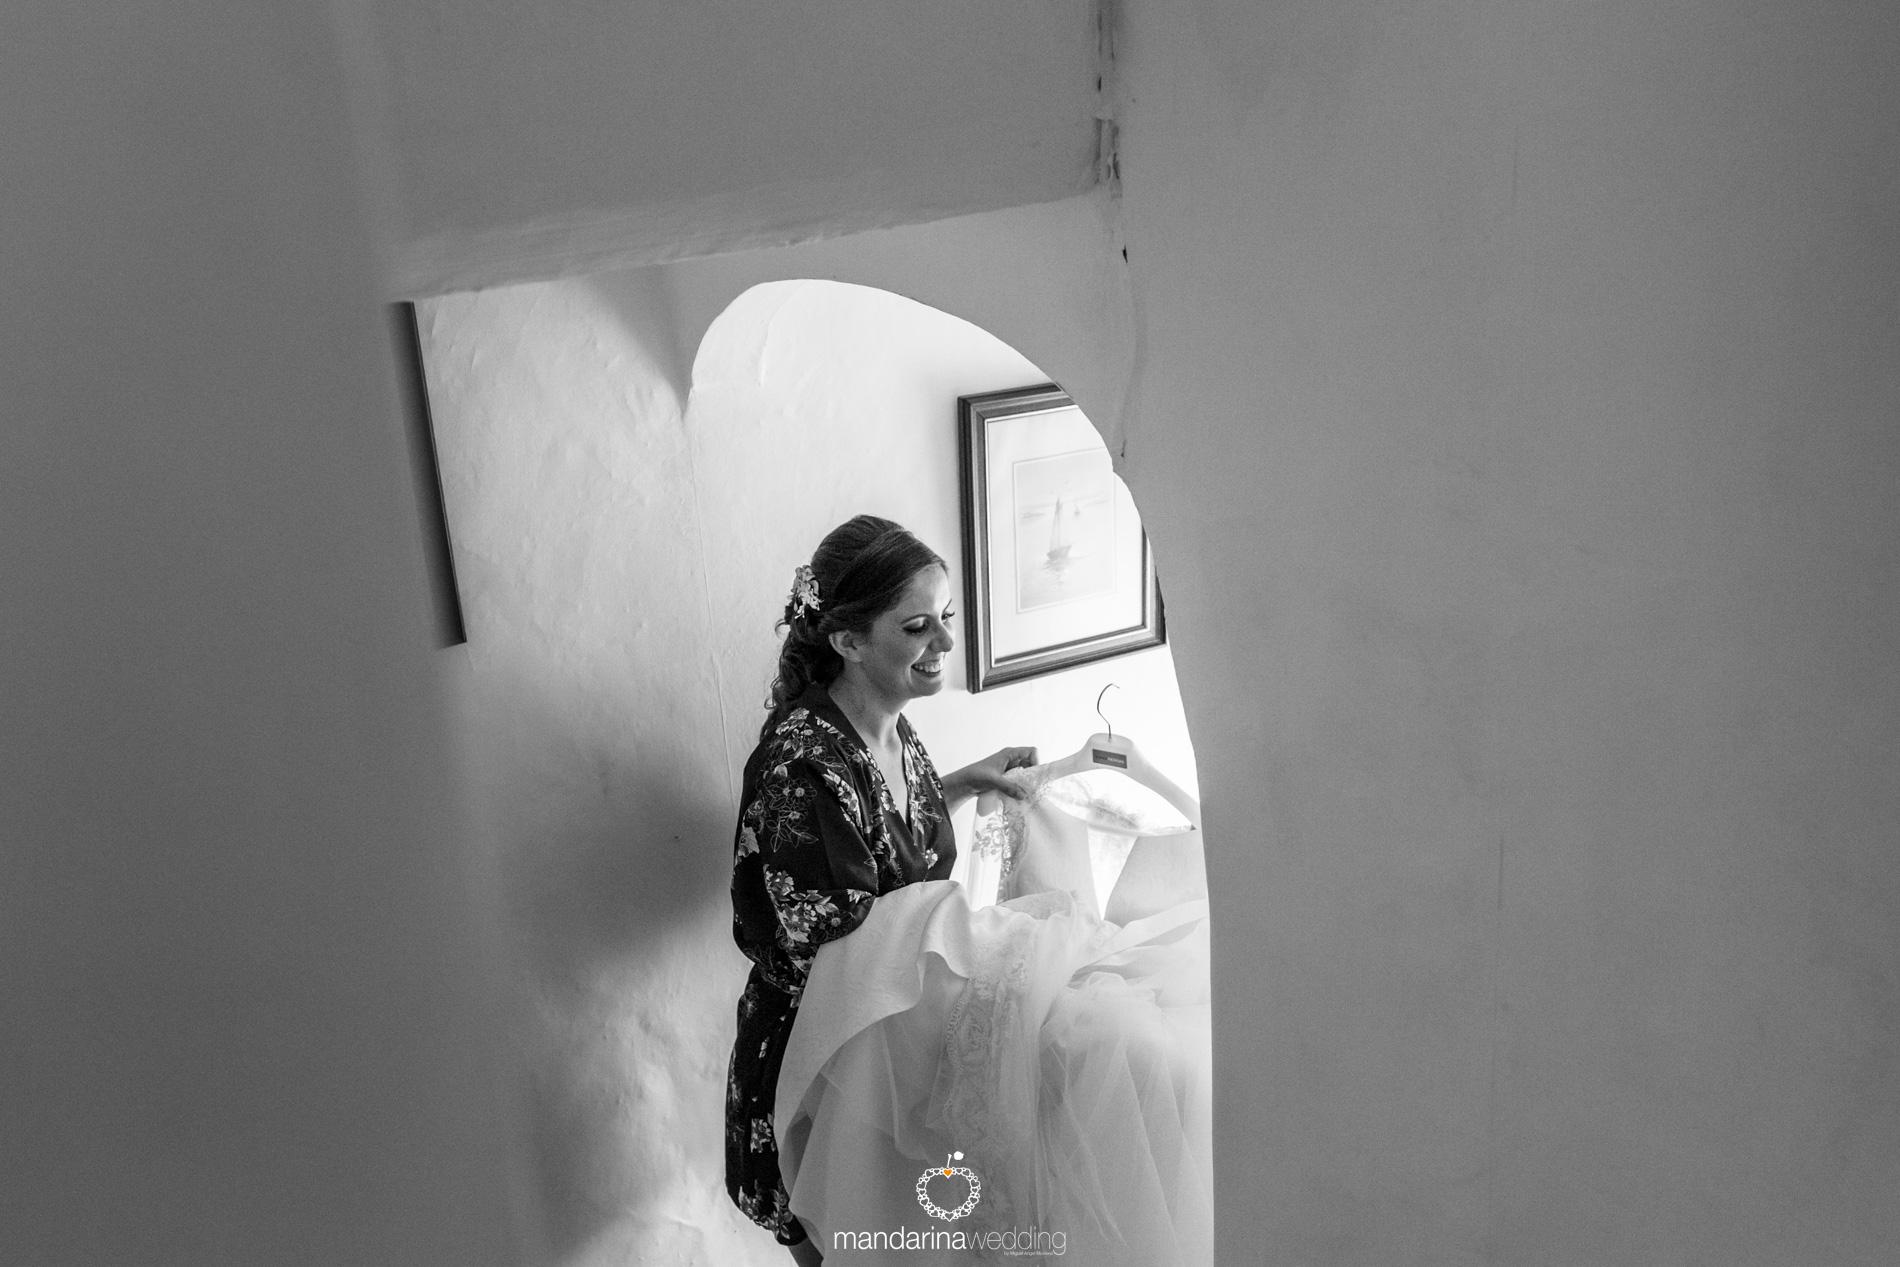 mandarina wedding, fotografo de boda, fotografo boda soria, fotografo boda barcelona, fotografo boda Madrid, fotografo boda lerida, fotografo boda Huesca, fotografo de destino_021